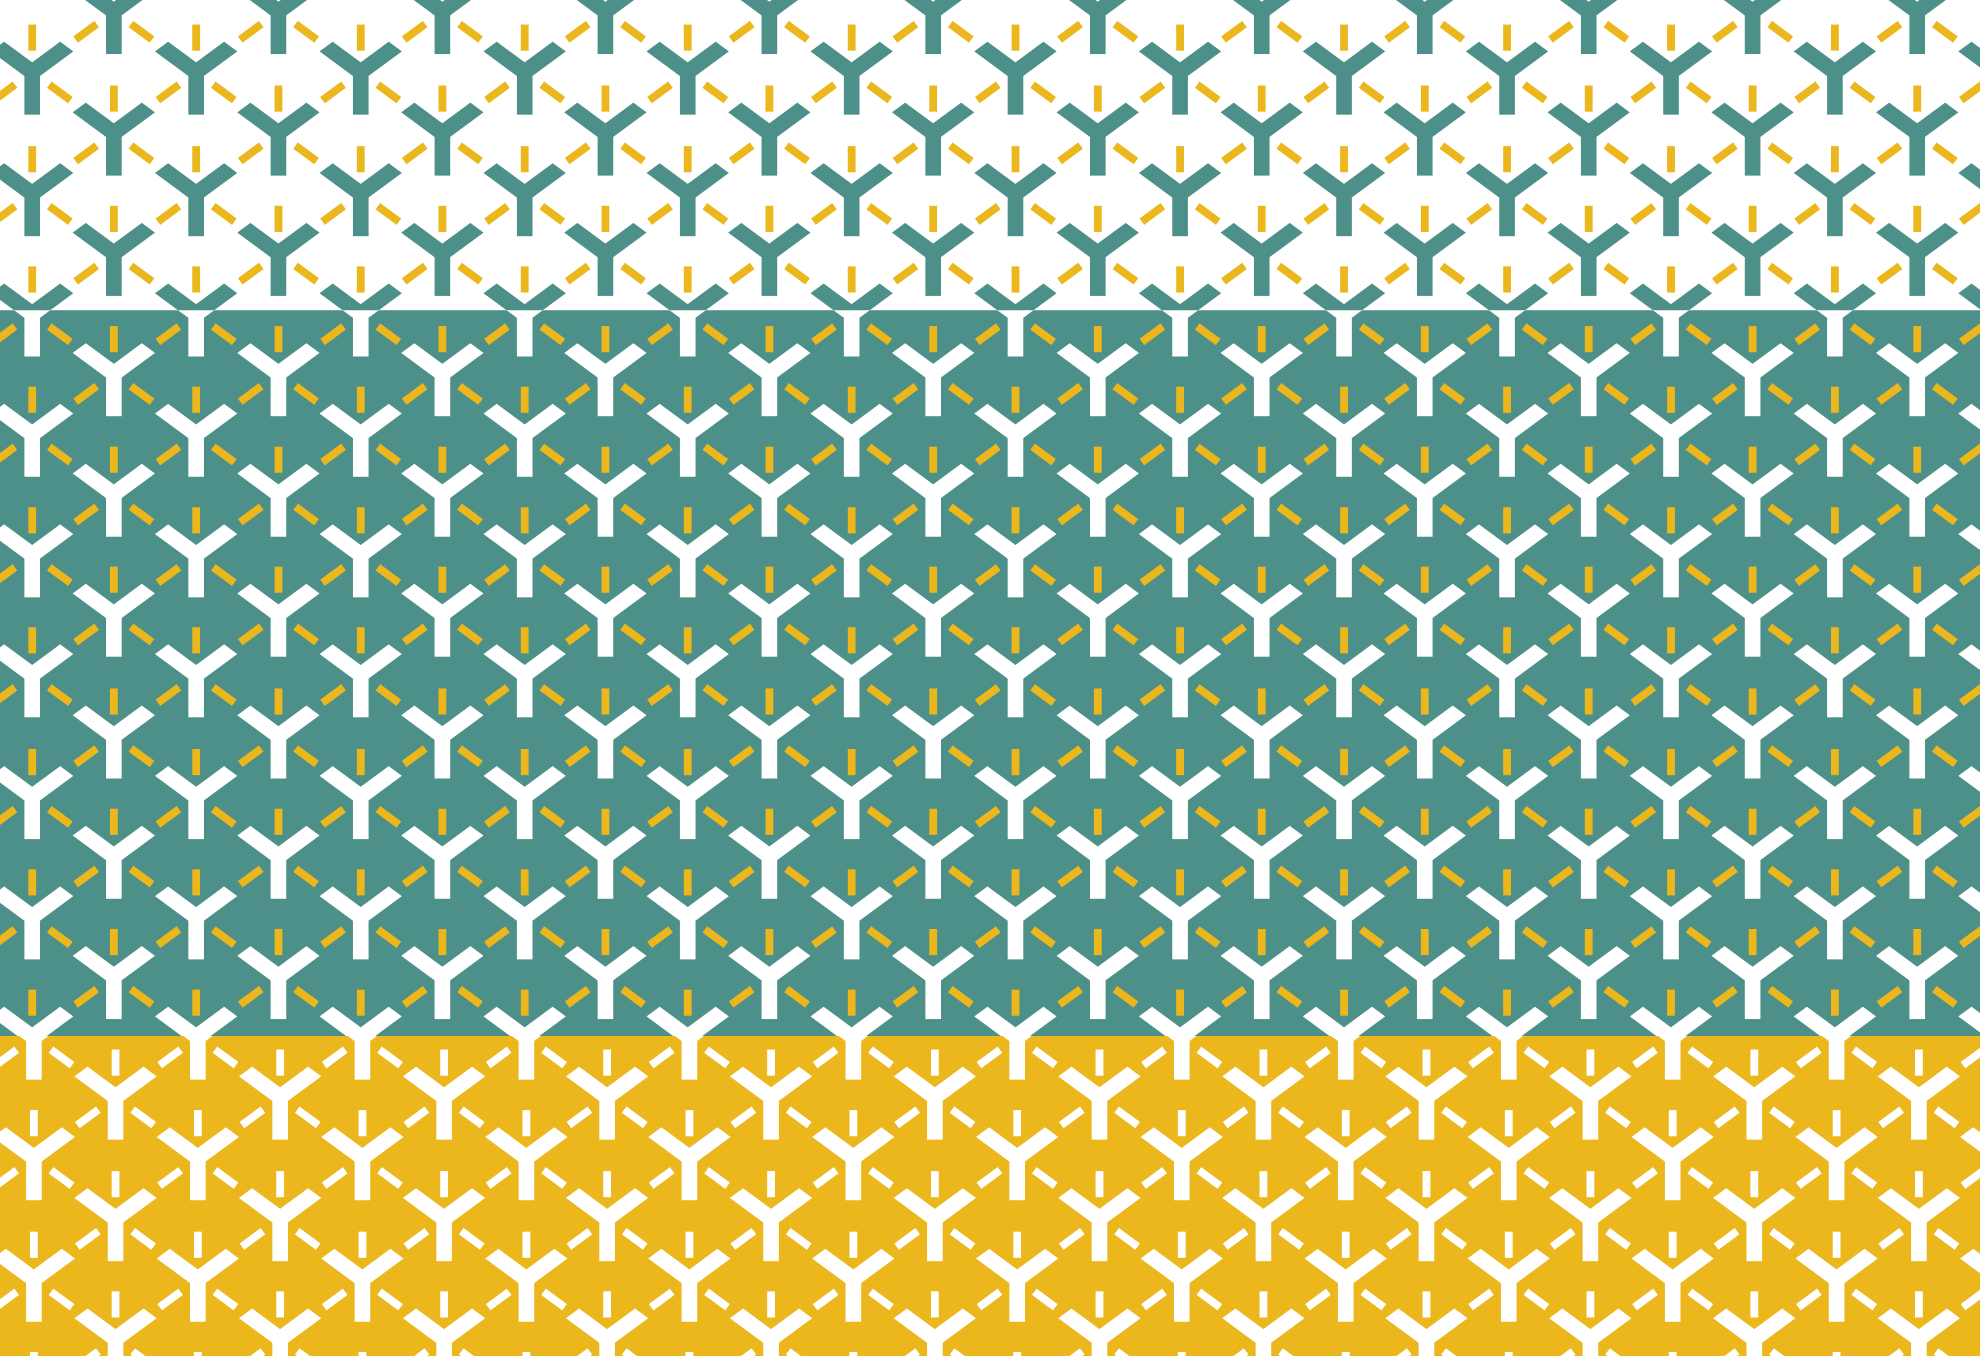 EGNYTE Pattern Design